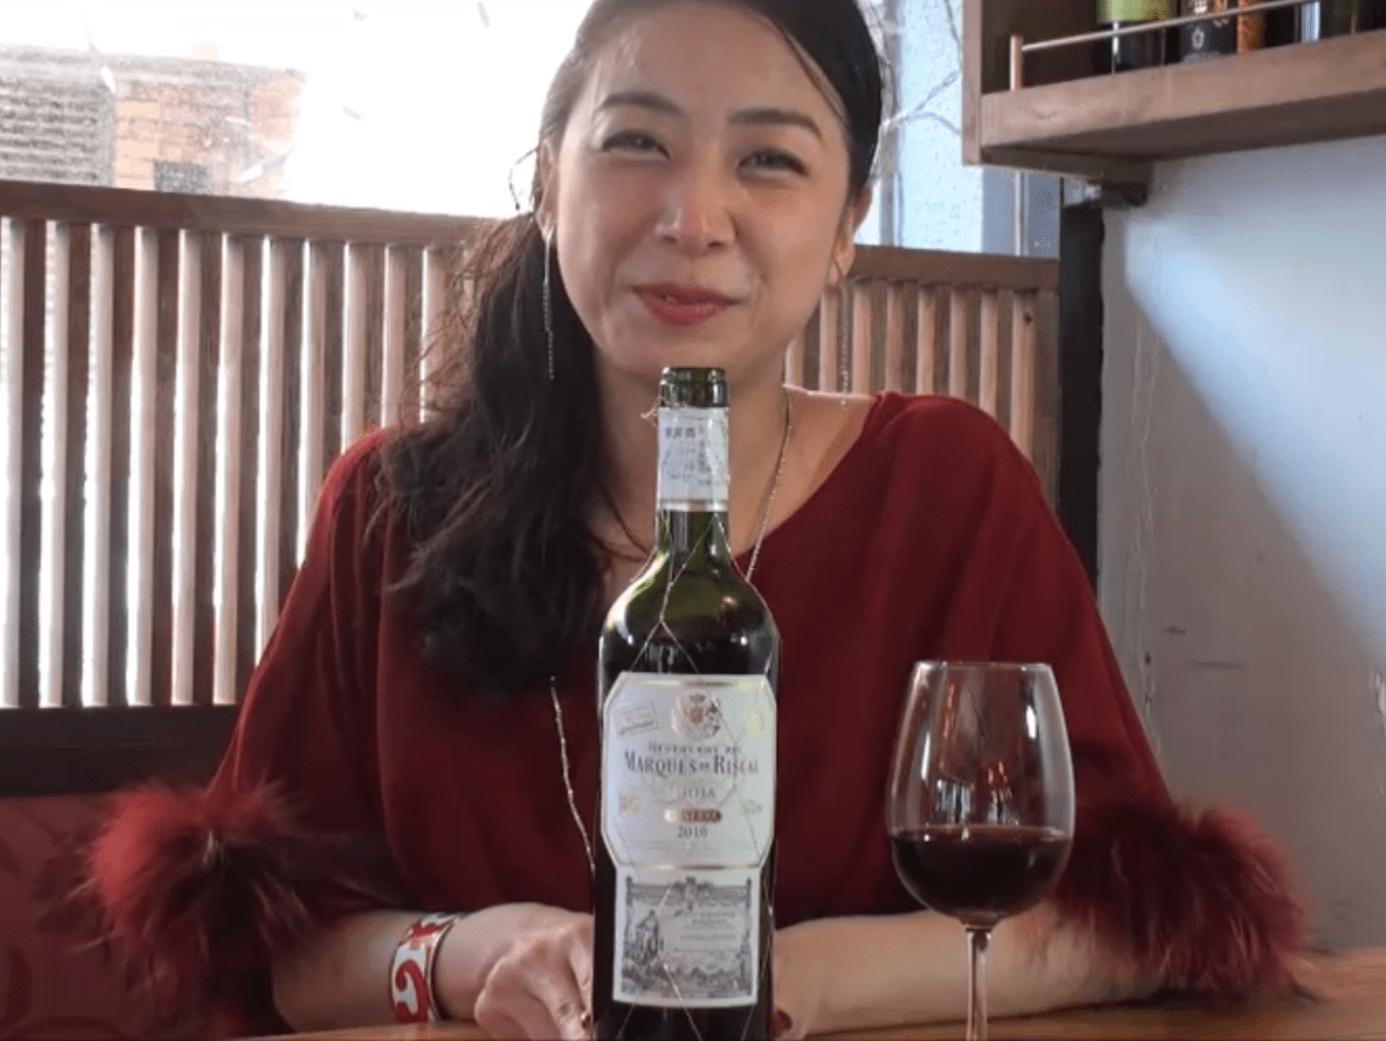 今日のワインはこれ「マルケス・デ・リスカル ティント・リゼルヴァ」